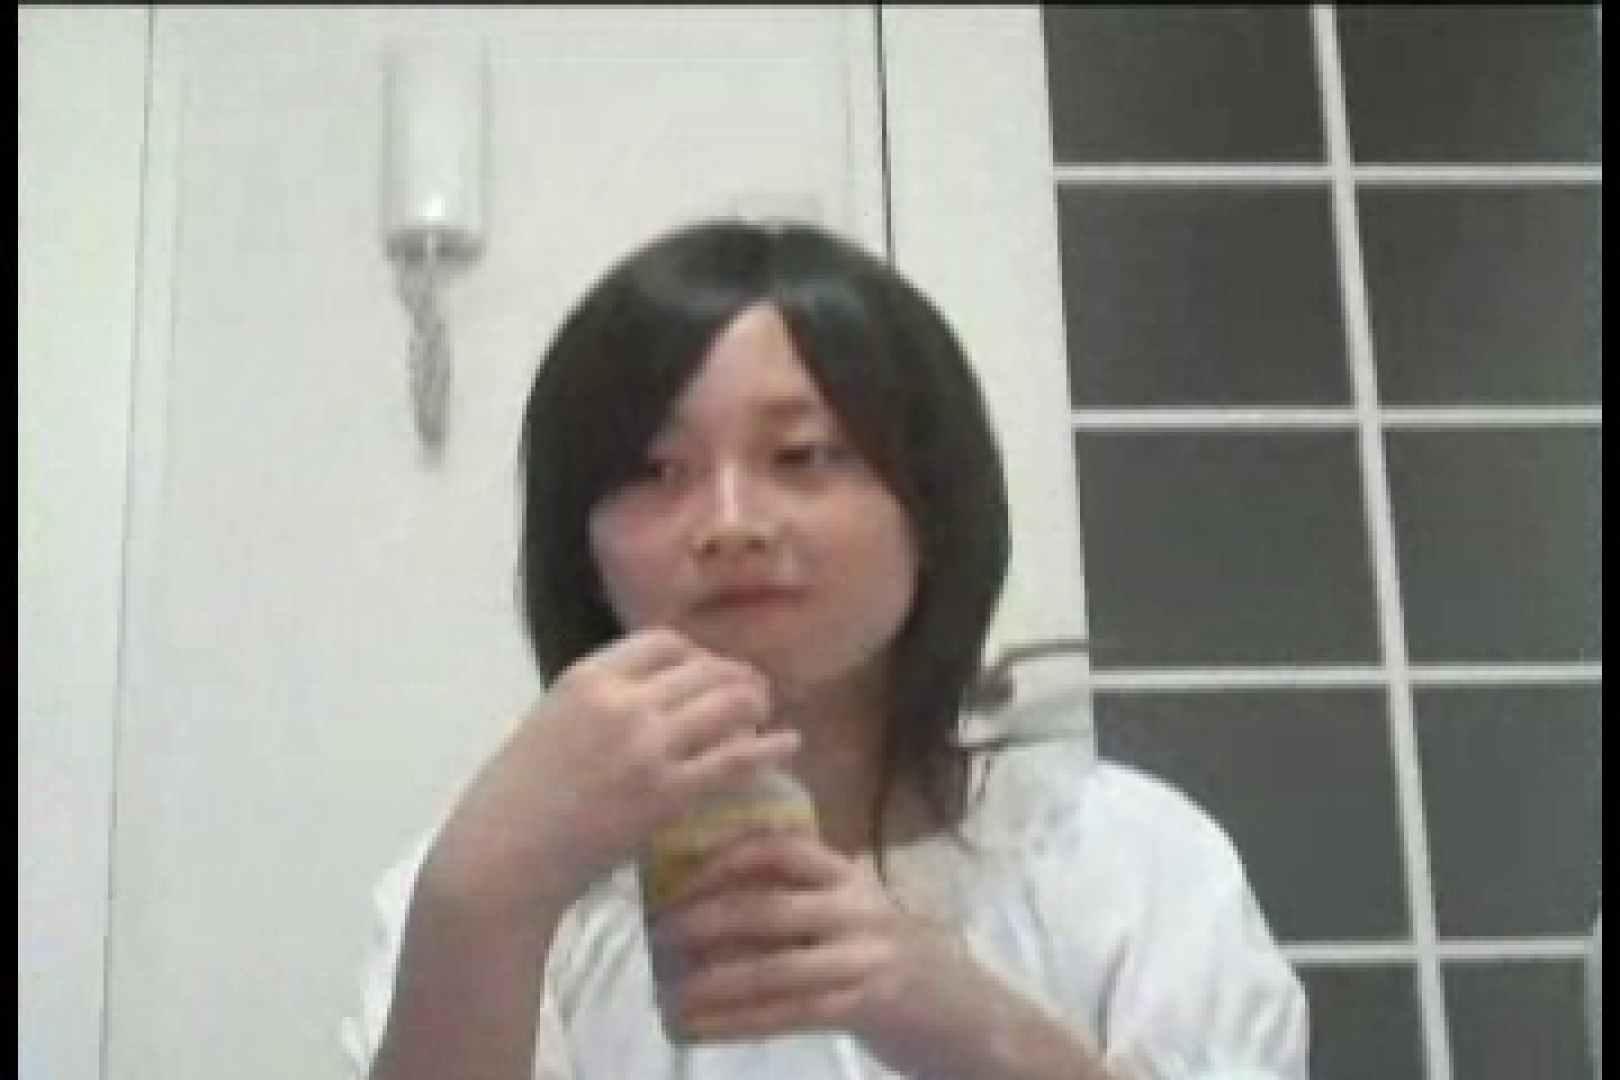 パンツ売りの女の子 むみちゃんvol.1 OL  112pic 103